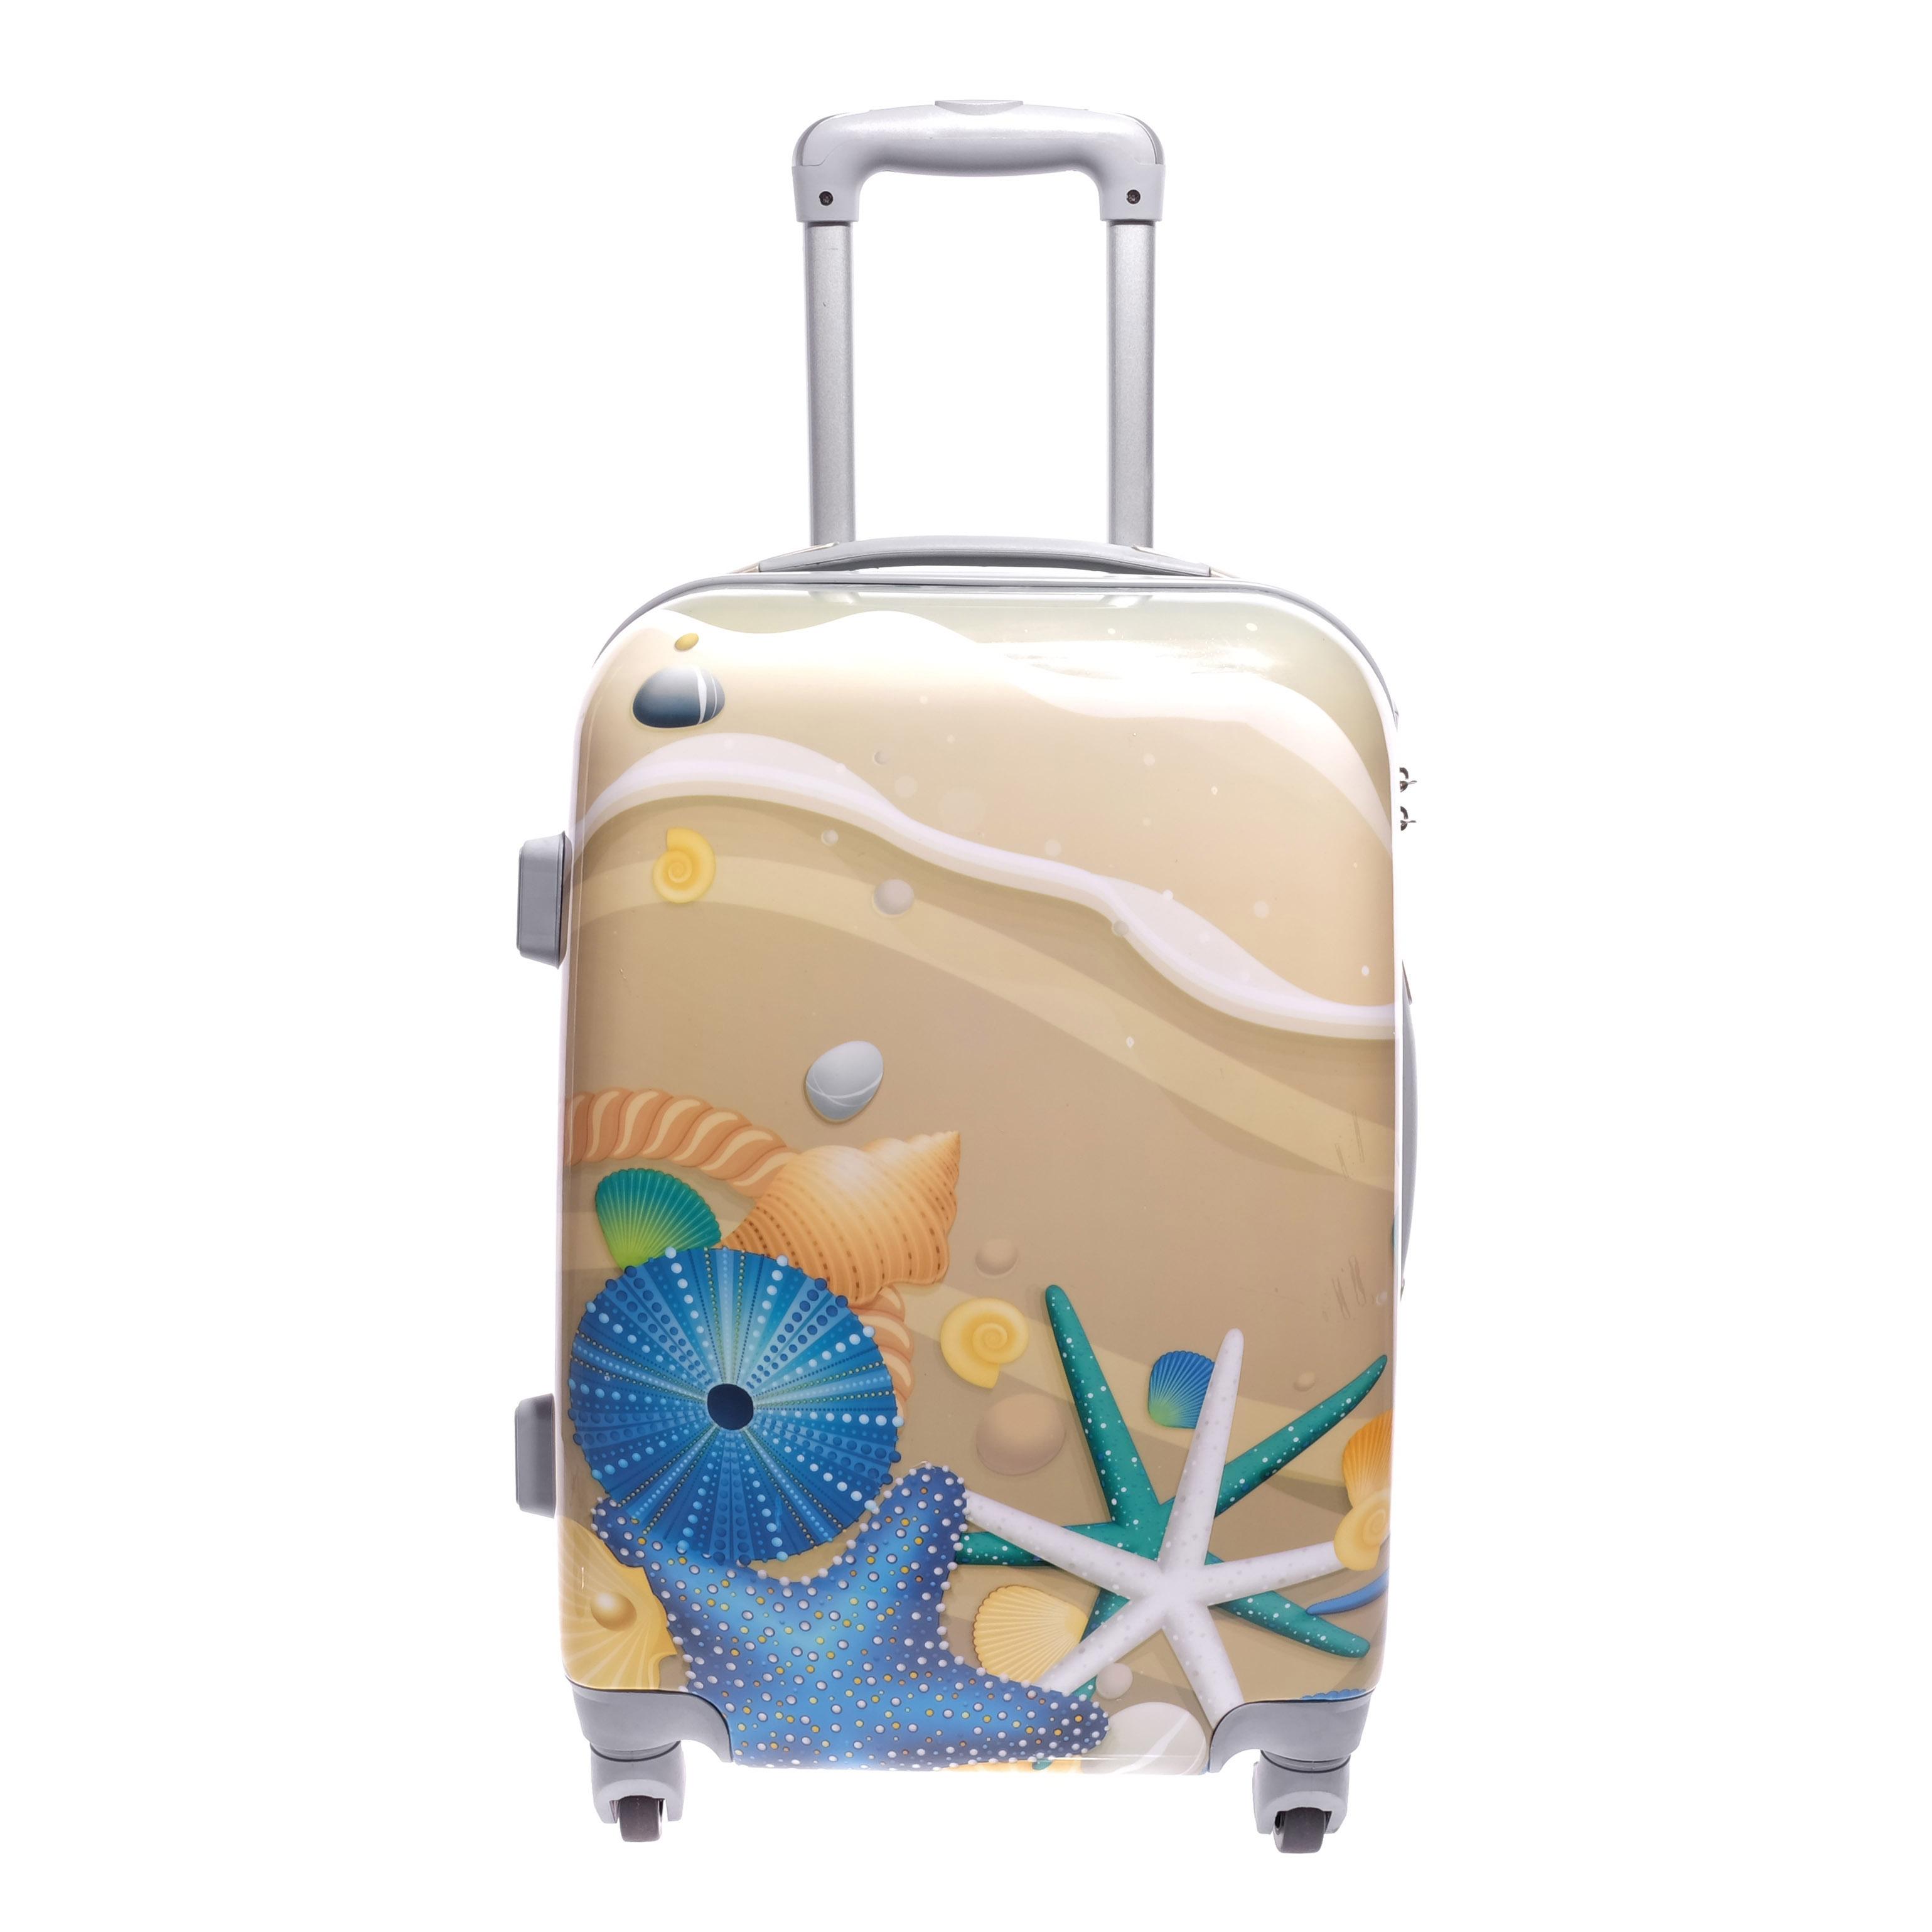 c98f51b05b7d Ormi Kagylós Kemény Közepes Bőrönd - KÖZEPES MÉRETŰ BŐRÖNDÖK - Táska  webáruház - Minőségi táskák mindenkinek